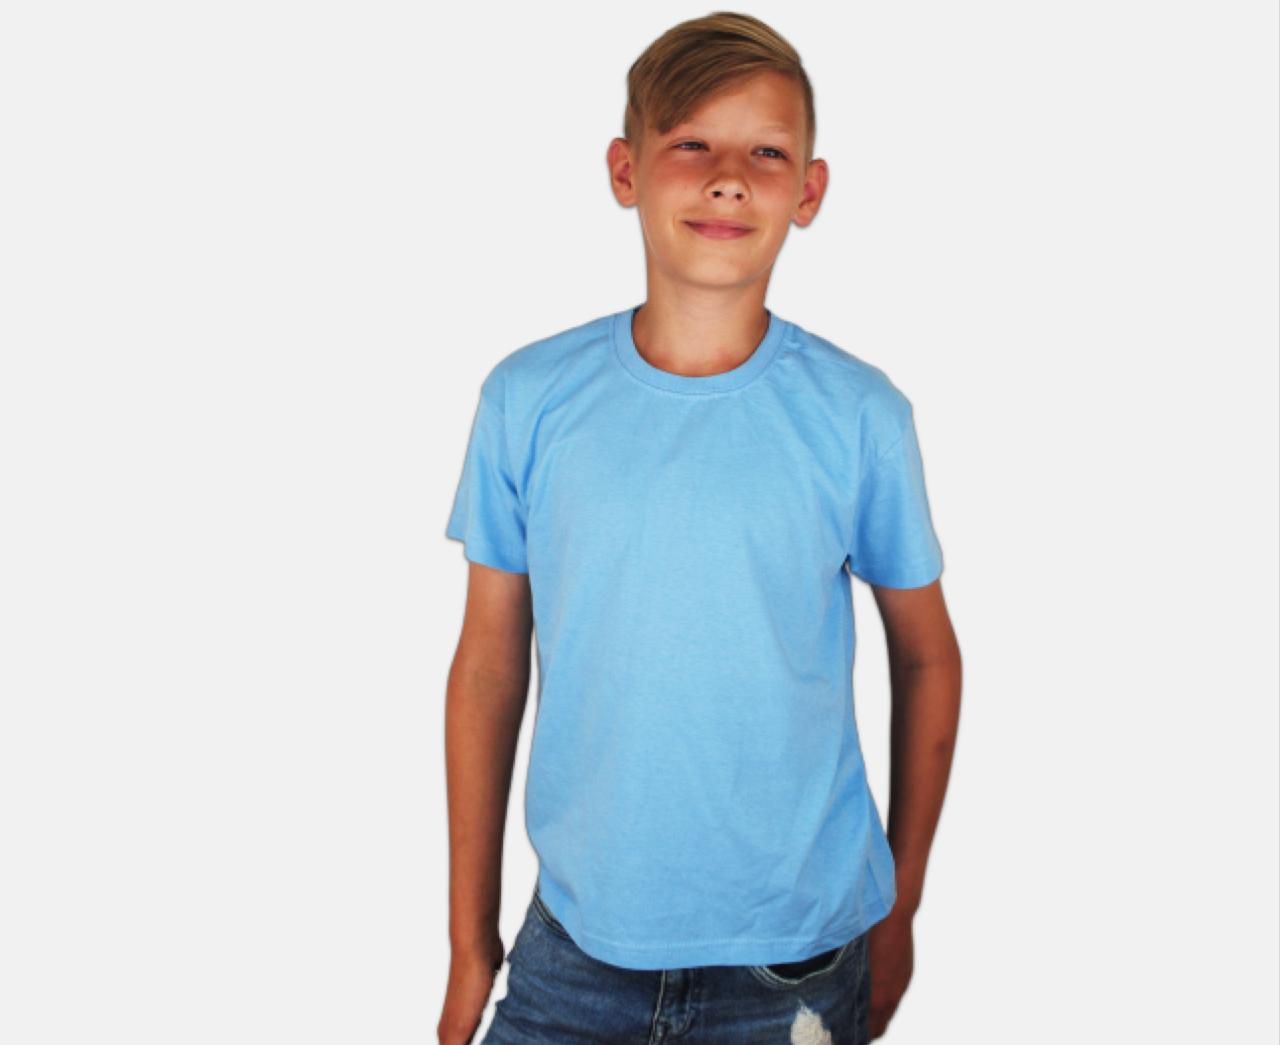 Детская Классическая Футболка для Мальчиков Небесно-голубая Fruit of the loom 61-033-YT 3-4